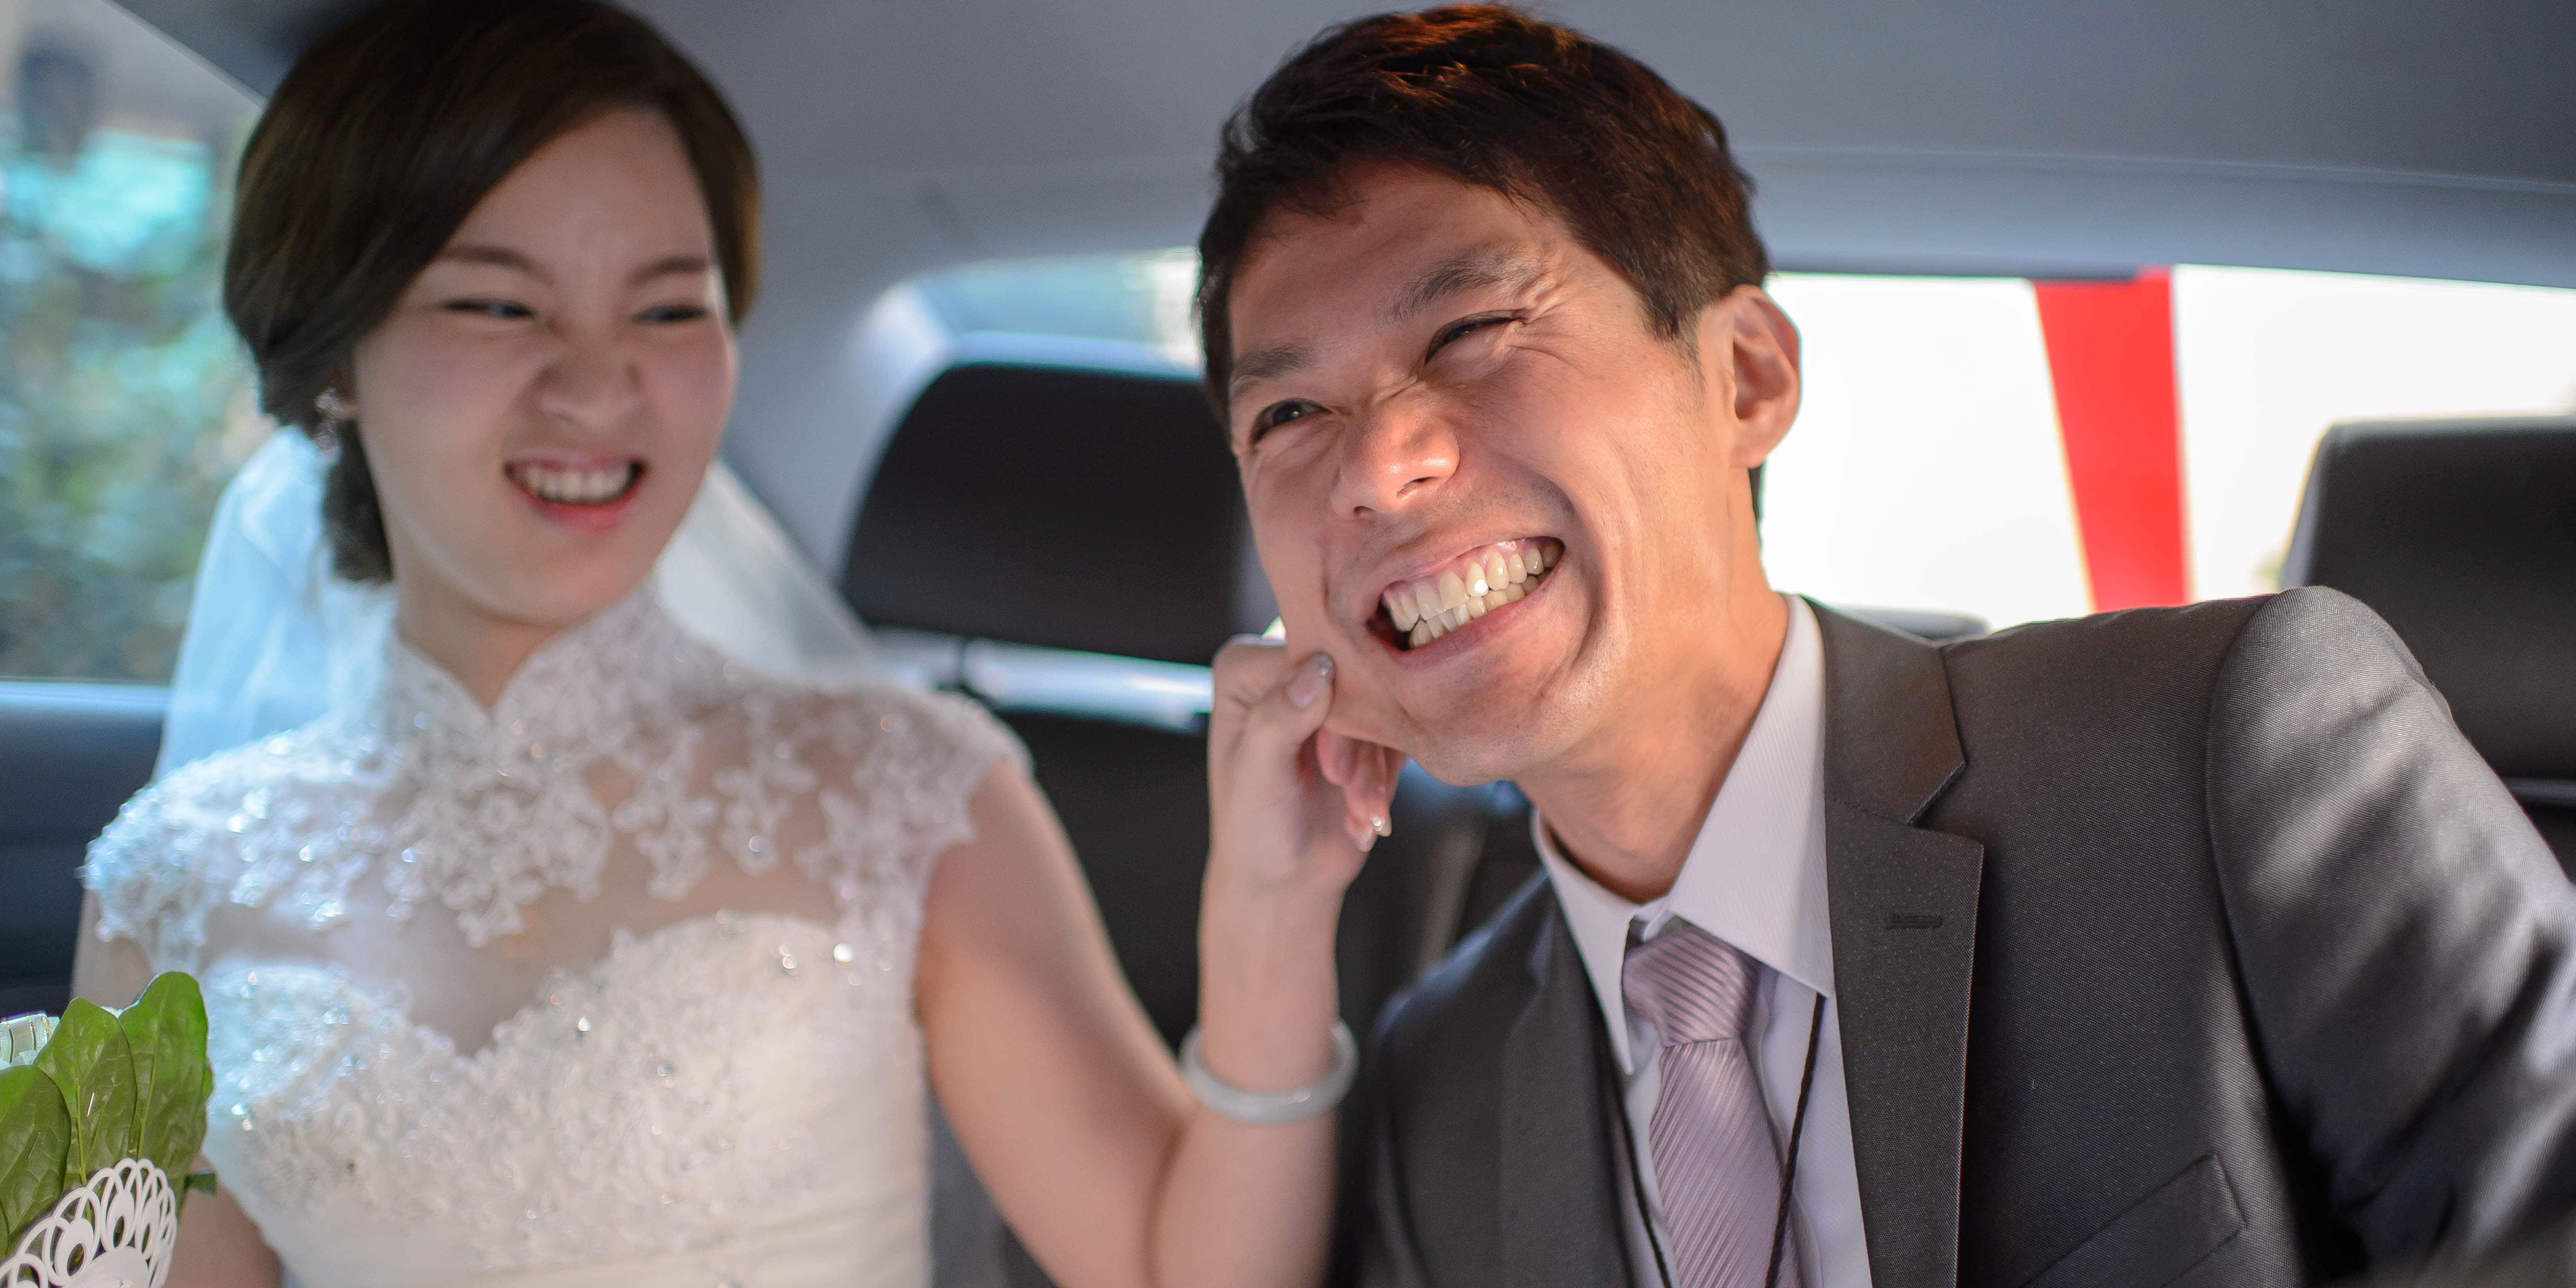 新娘捏新郎的臉